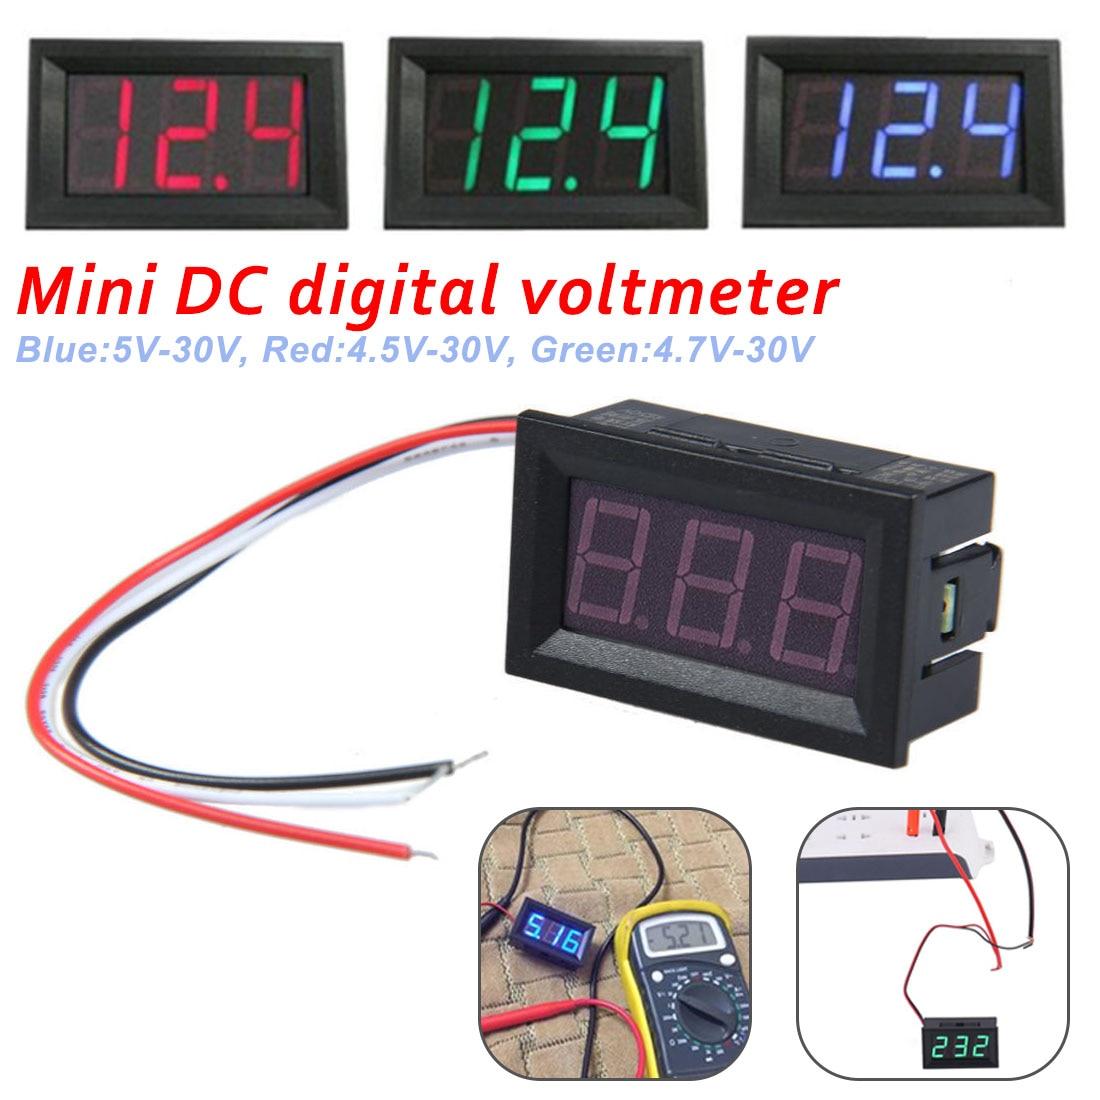 Цифровой мини-вольтметр, амперметр постоянного тока от 4,5 В до 30 в, вольтметр, измеритель тока, красный/синий/зеленый светодиодный дисплей дл...